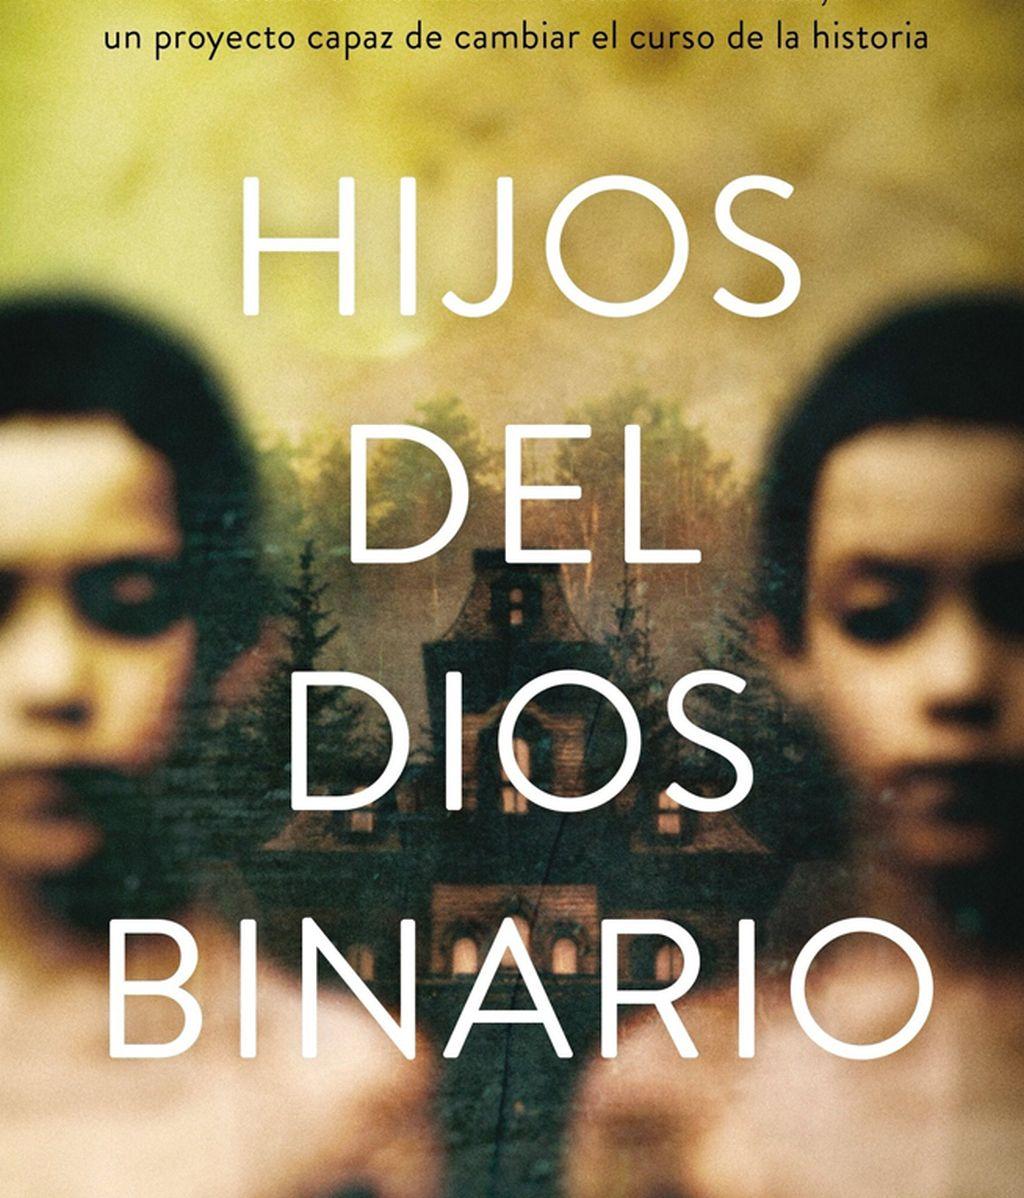 Hijos del dios binario de David B. Gil